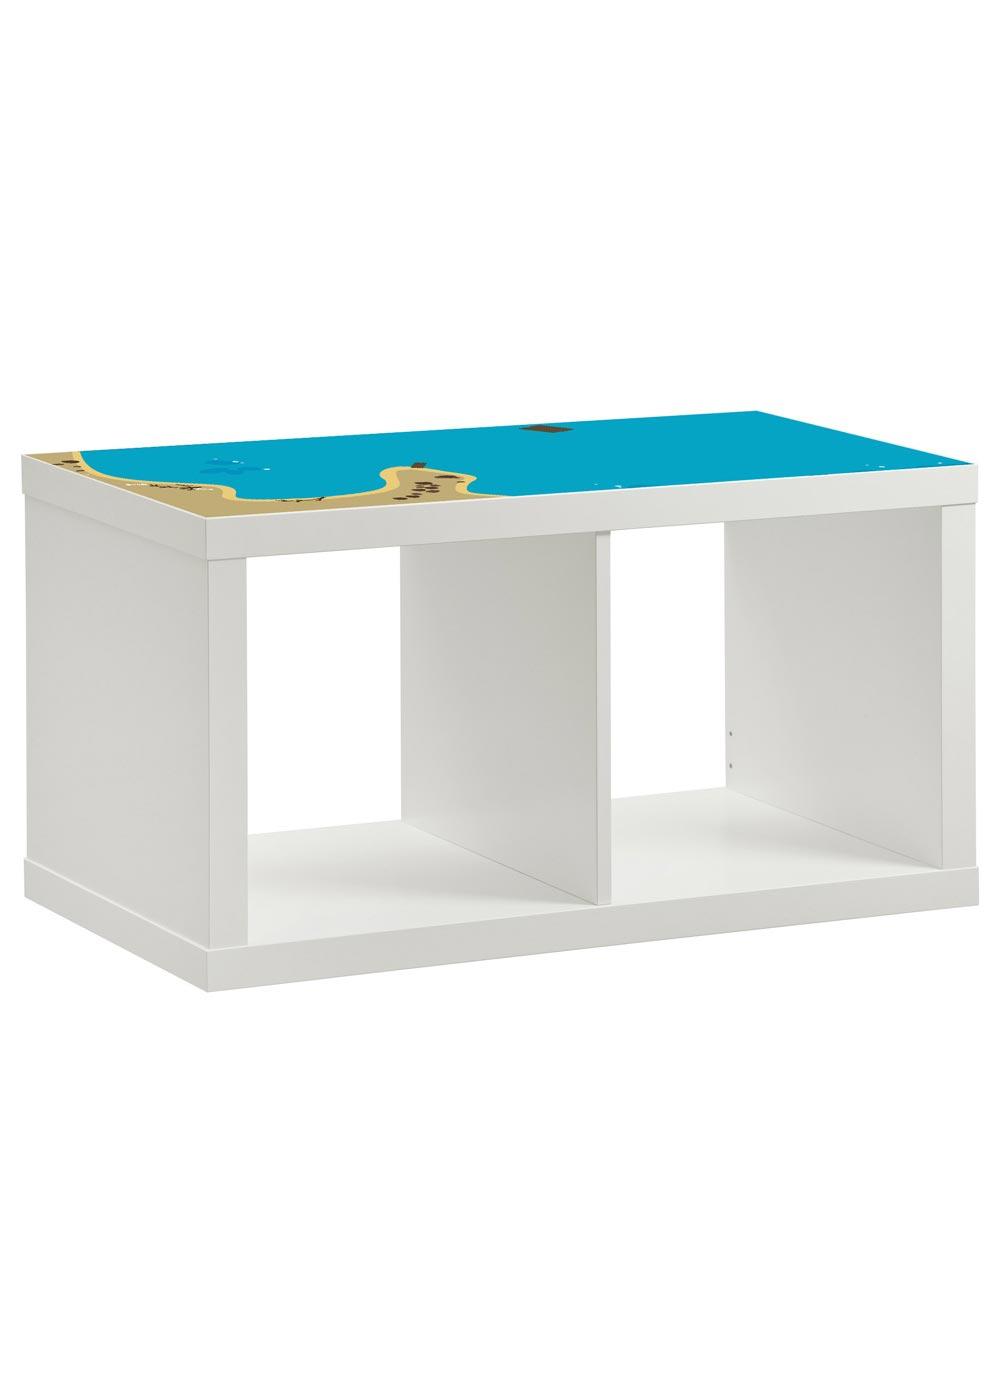 Ikea Kallax Regal Wasserreich 2fach Komplettansicht